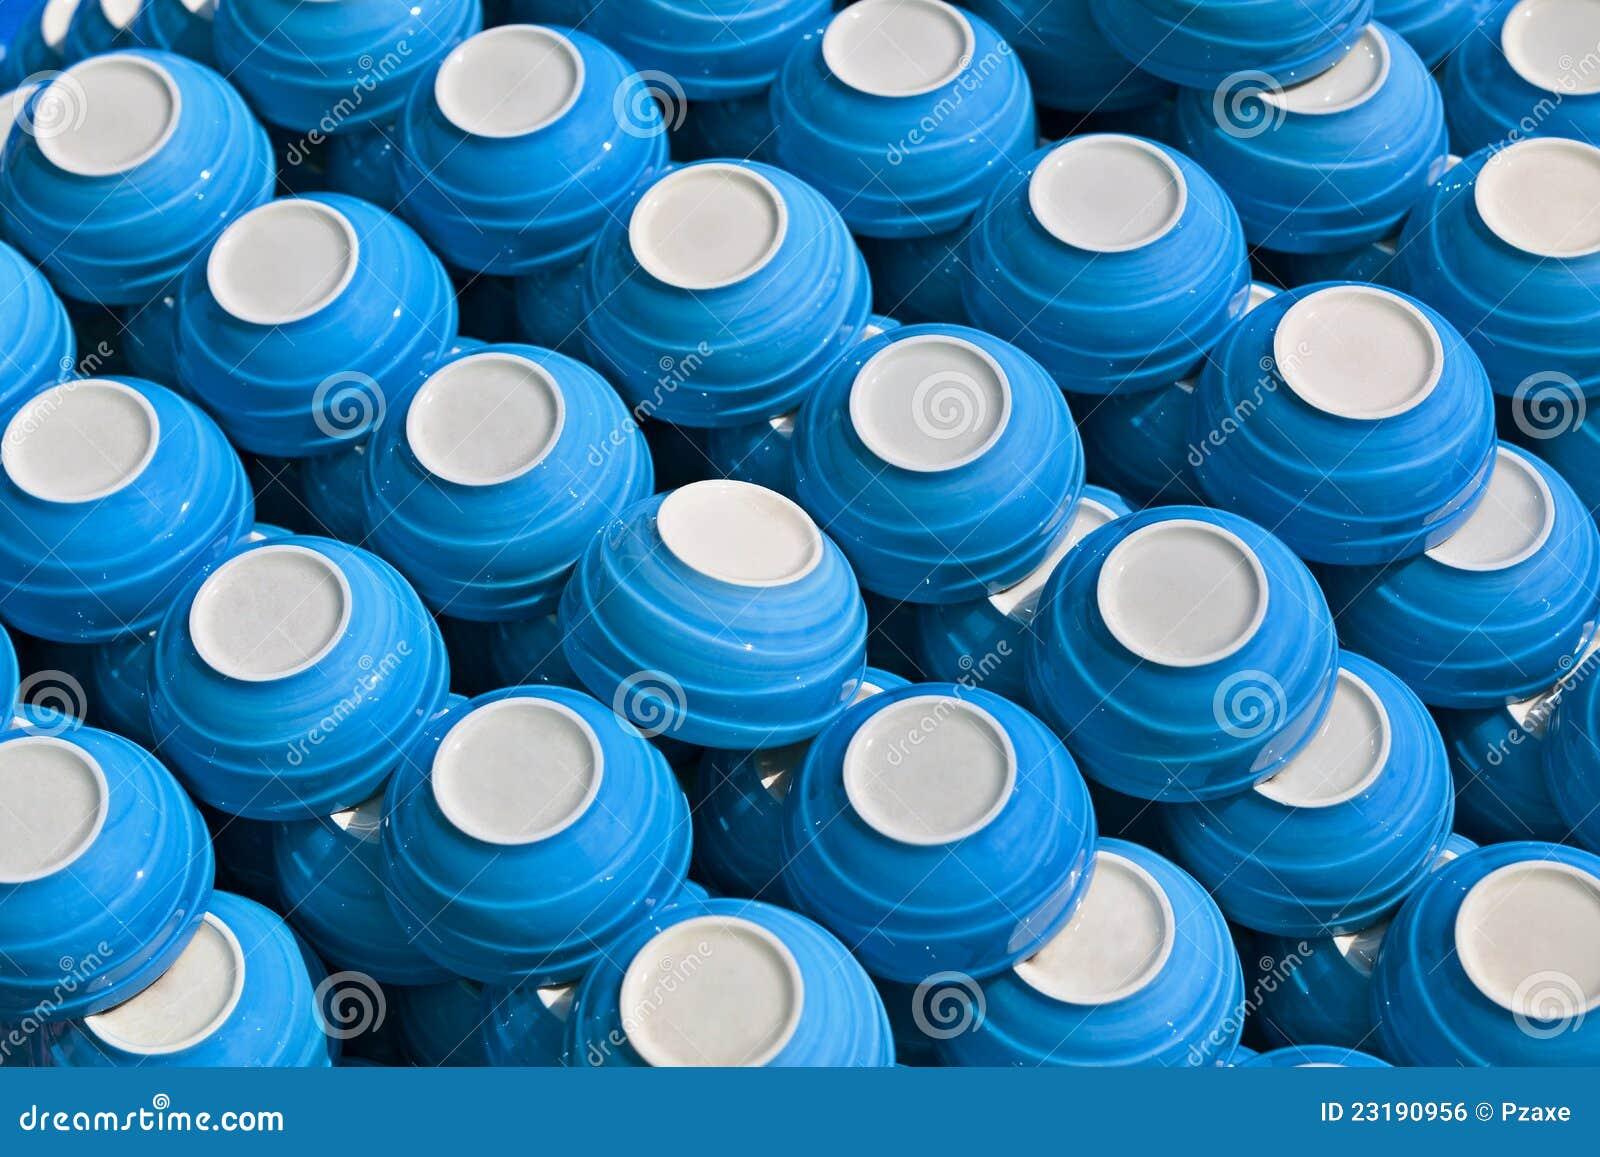 Blaue keramische Cup - Teller auf dem Markt